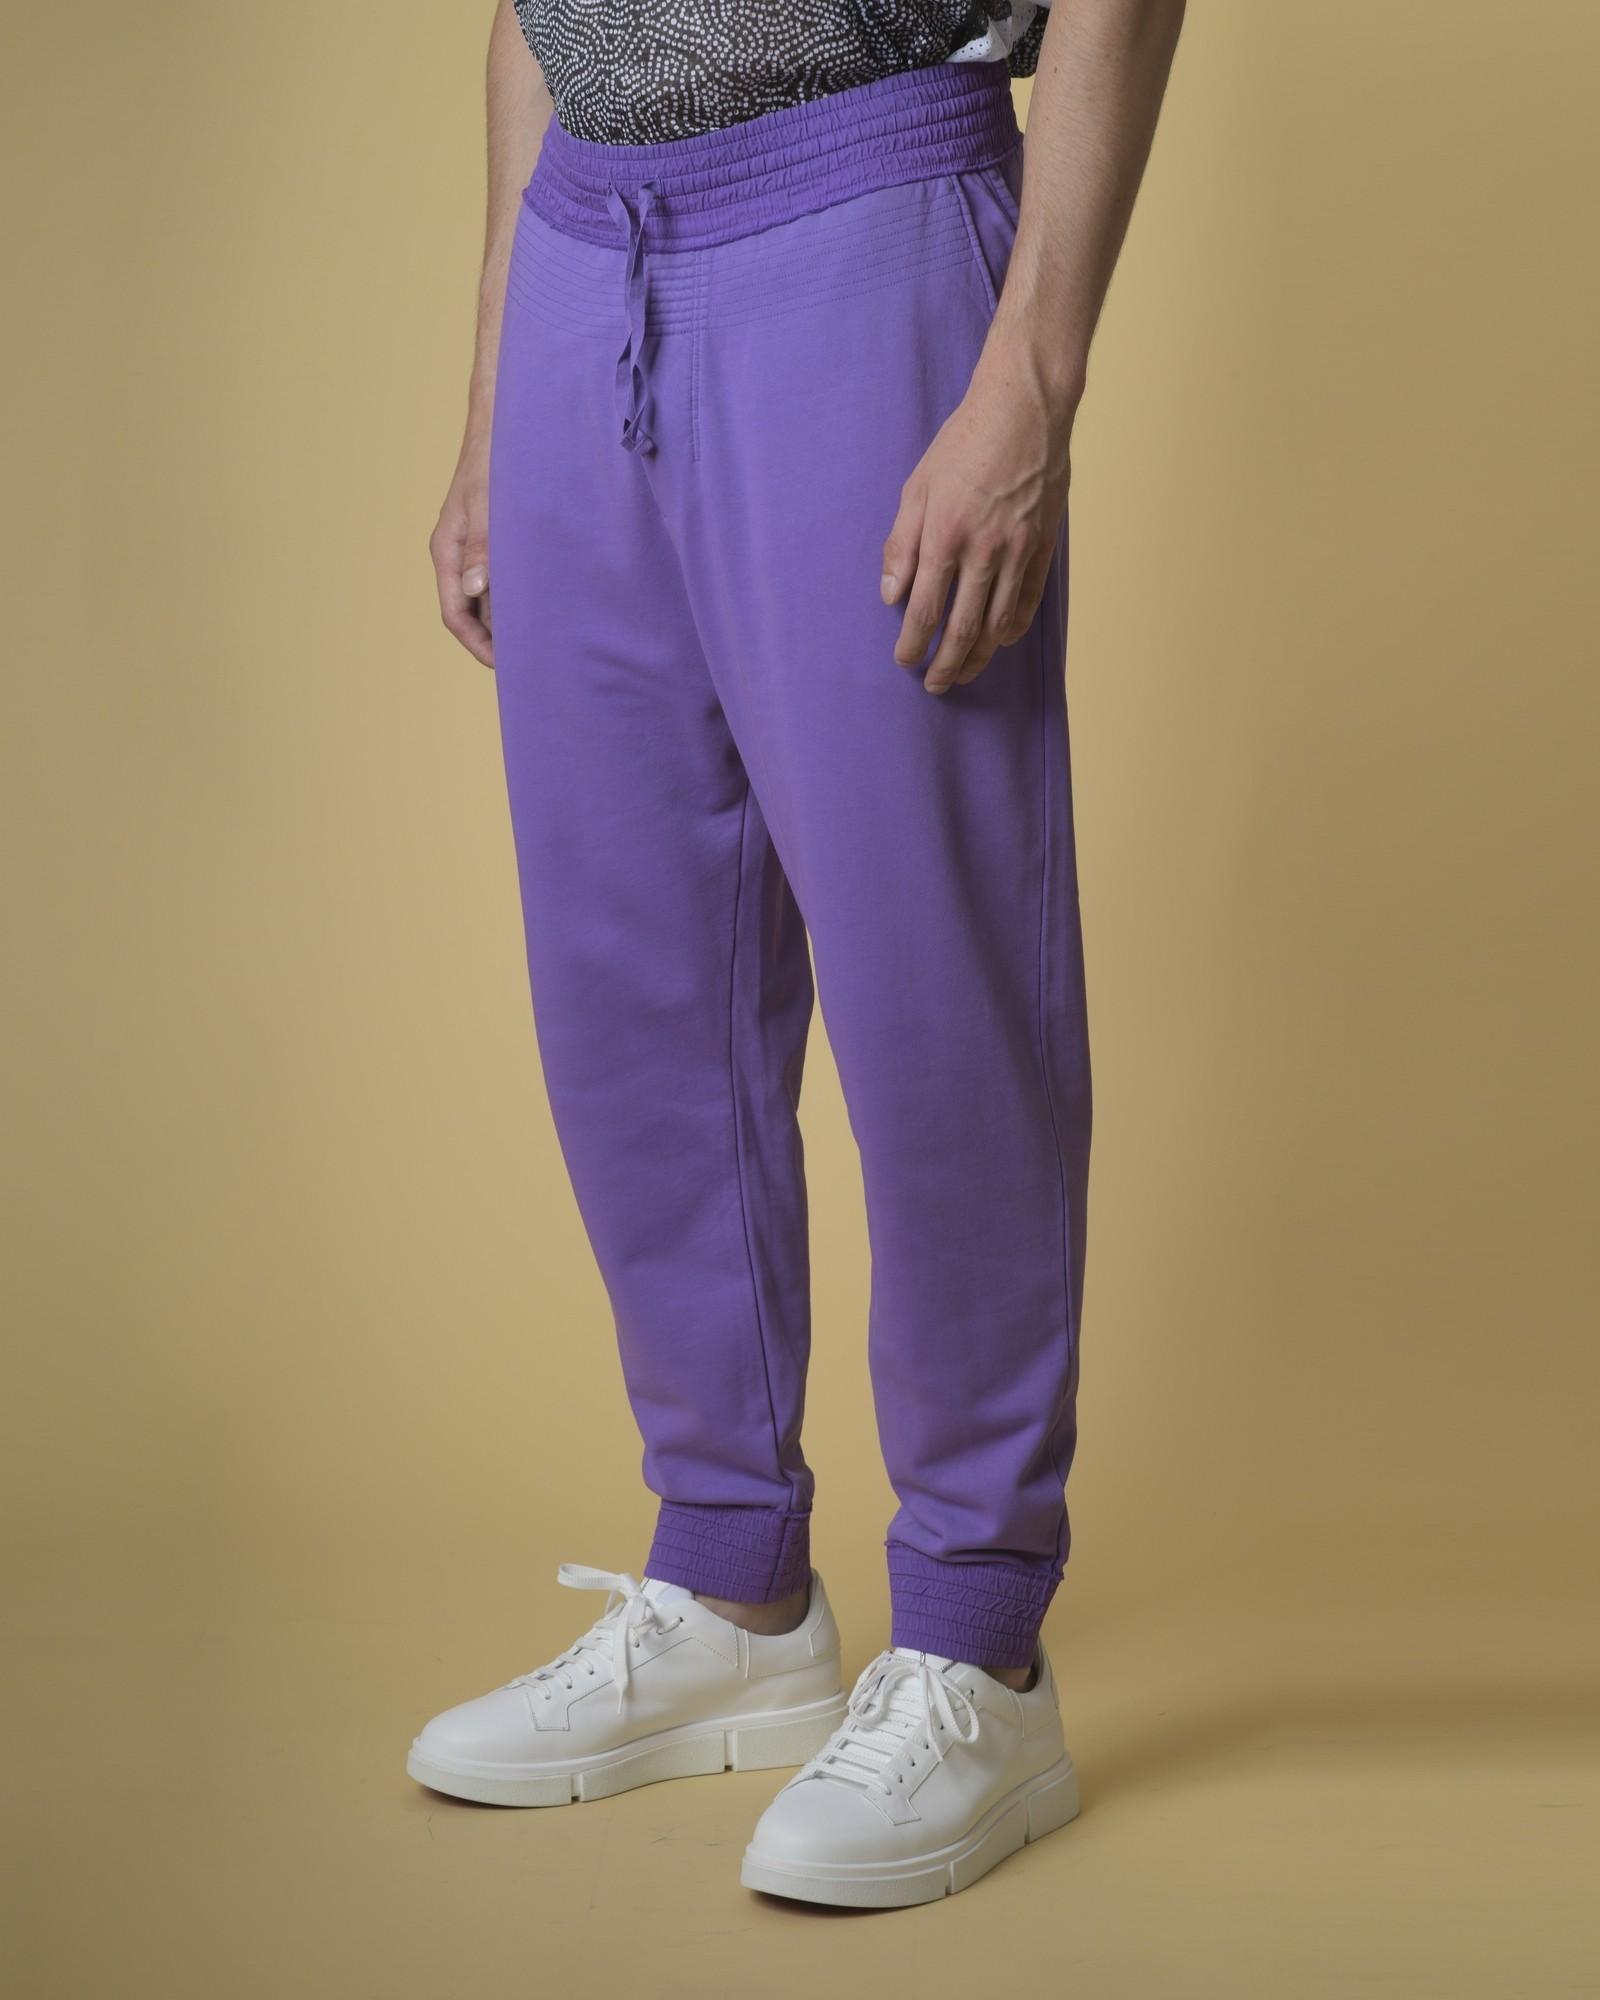 Jogging smocké en coton violet Damir Doma